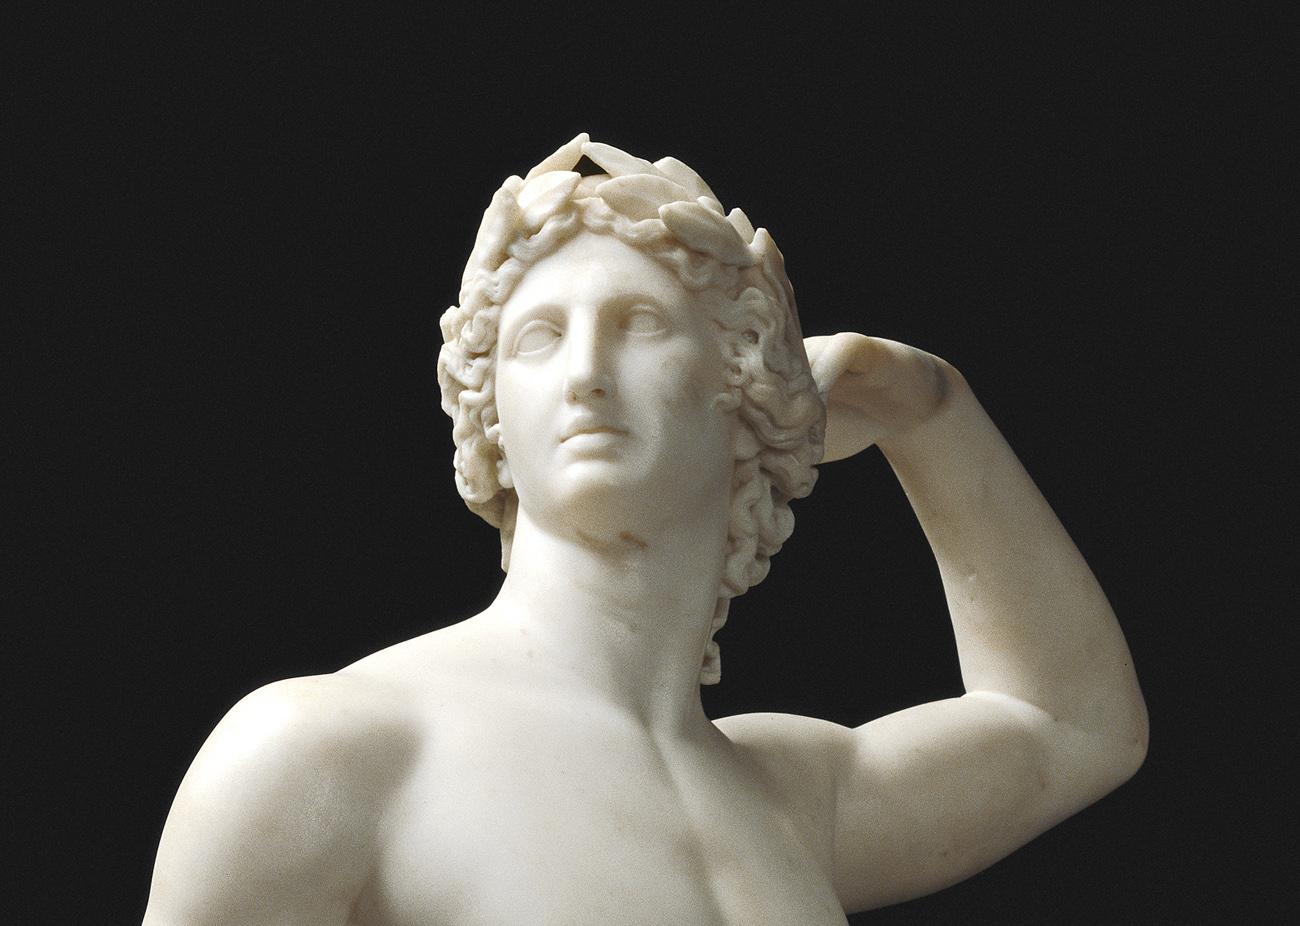 im dating a greek man